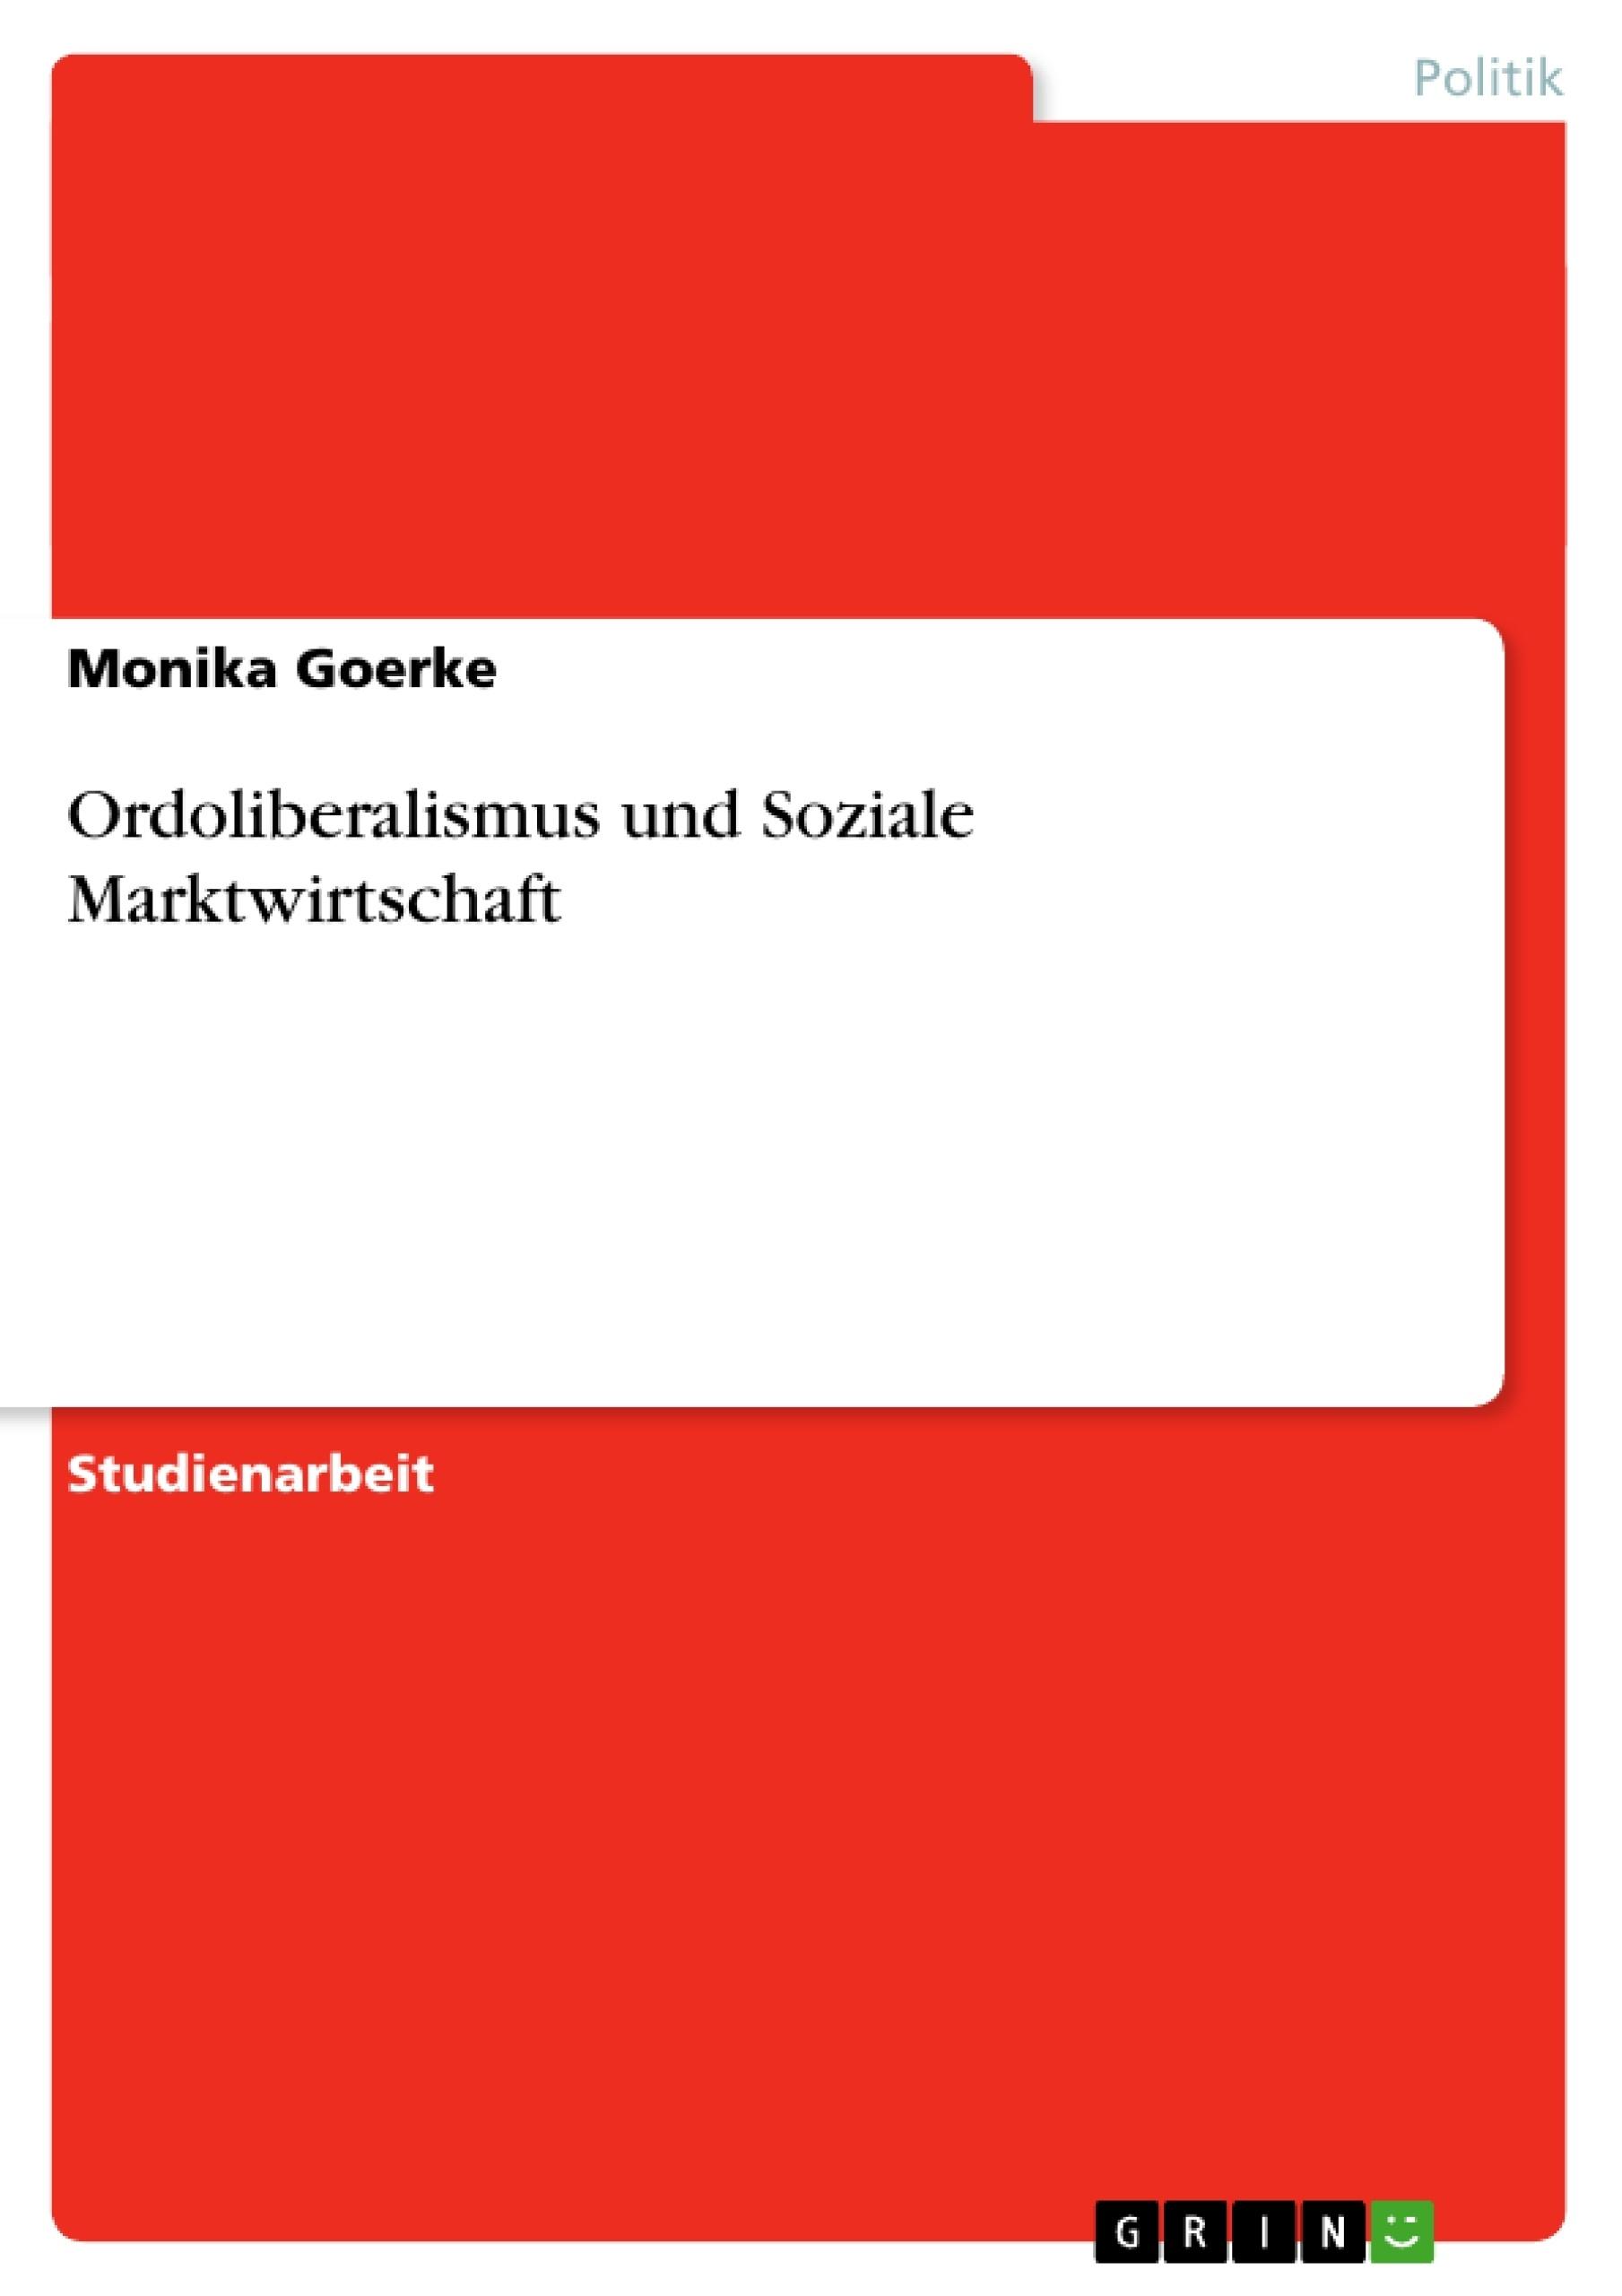 Titel: Ordoliberalismus und Soziale Marktwirtschaft